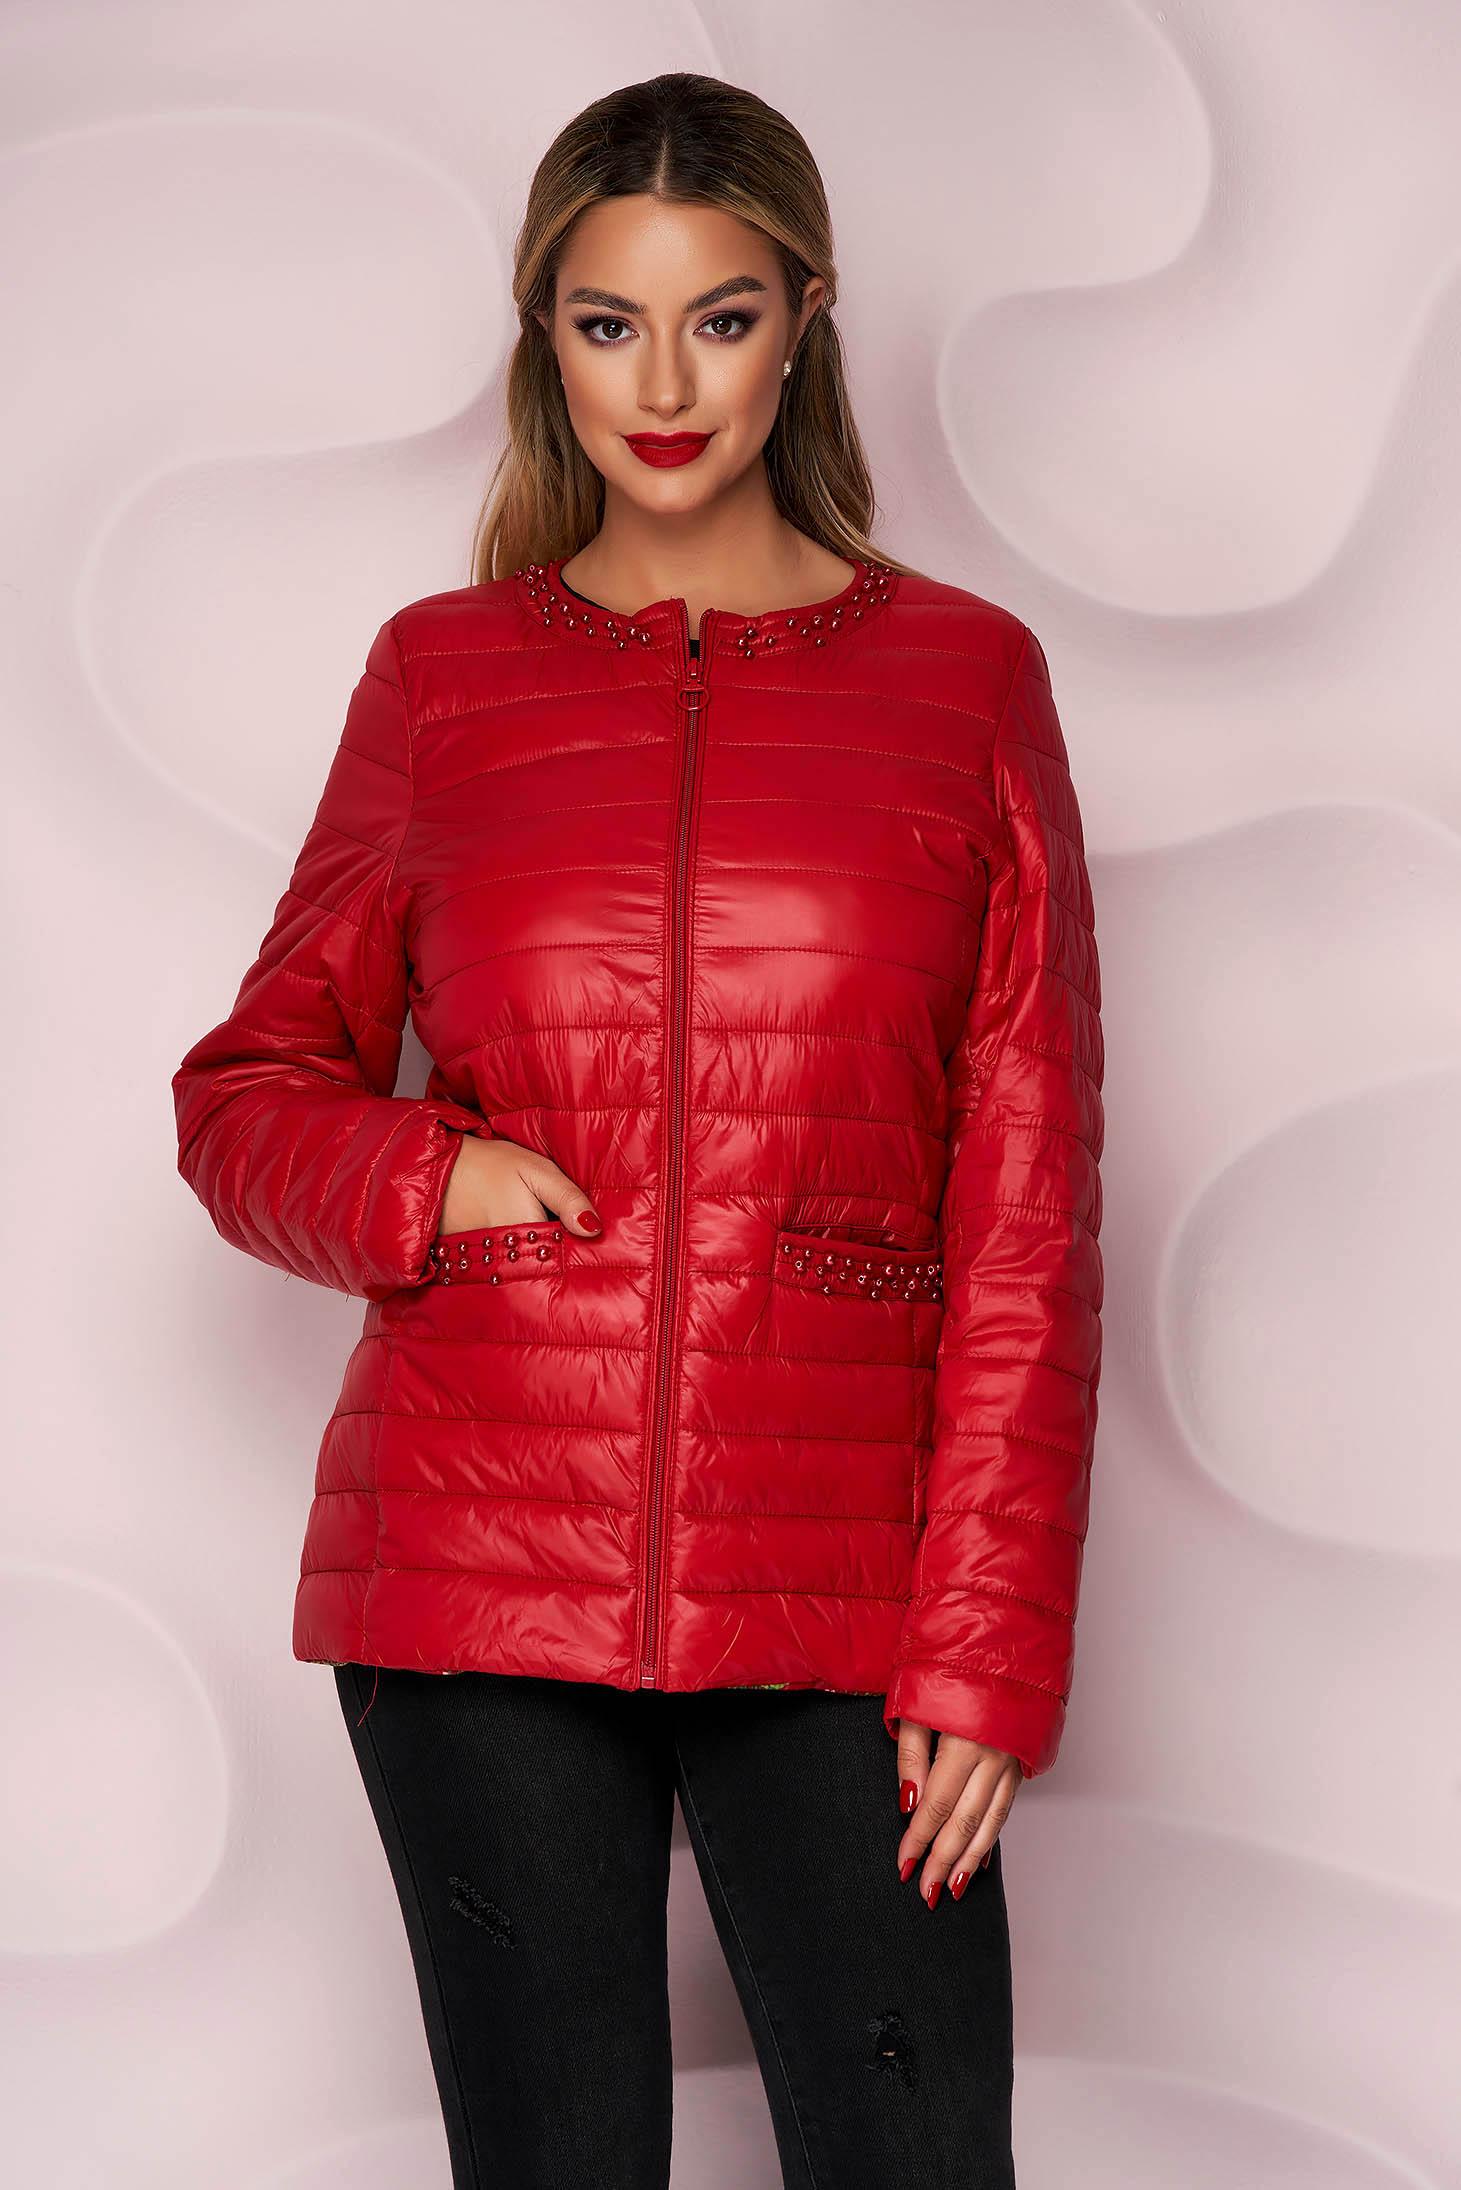 Piros egyenes szabású vízlepergető dzseki vékony anyagból, gyöngy díszítéssel